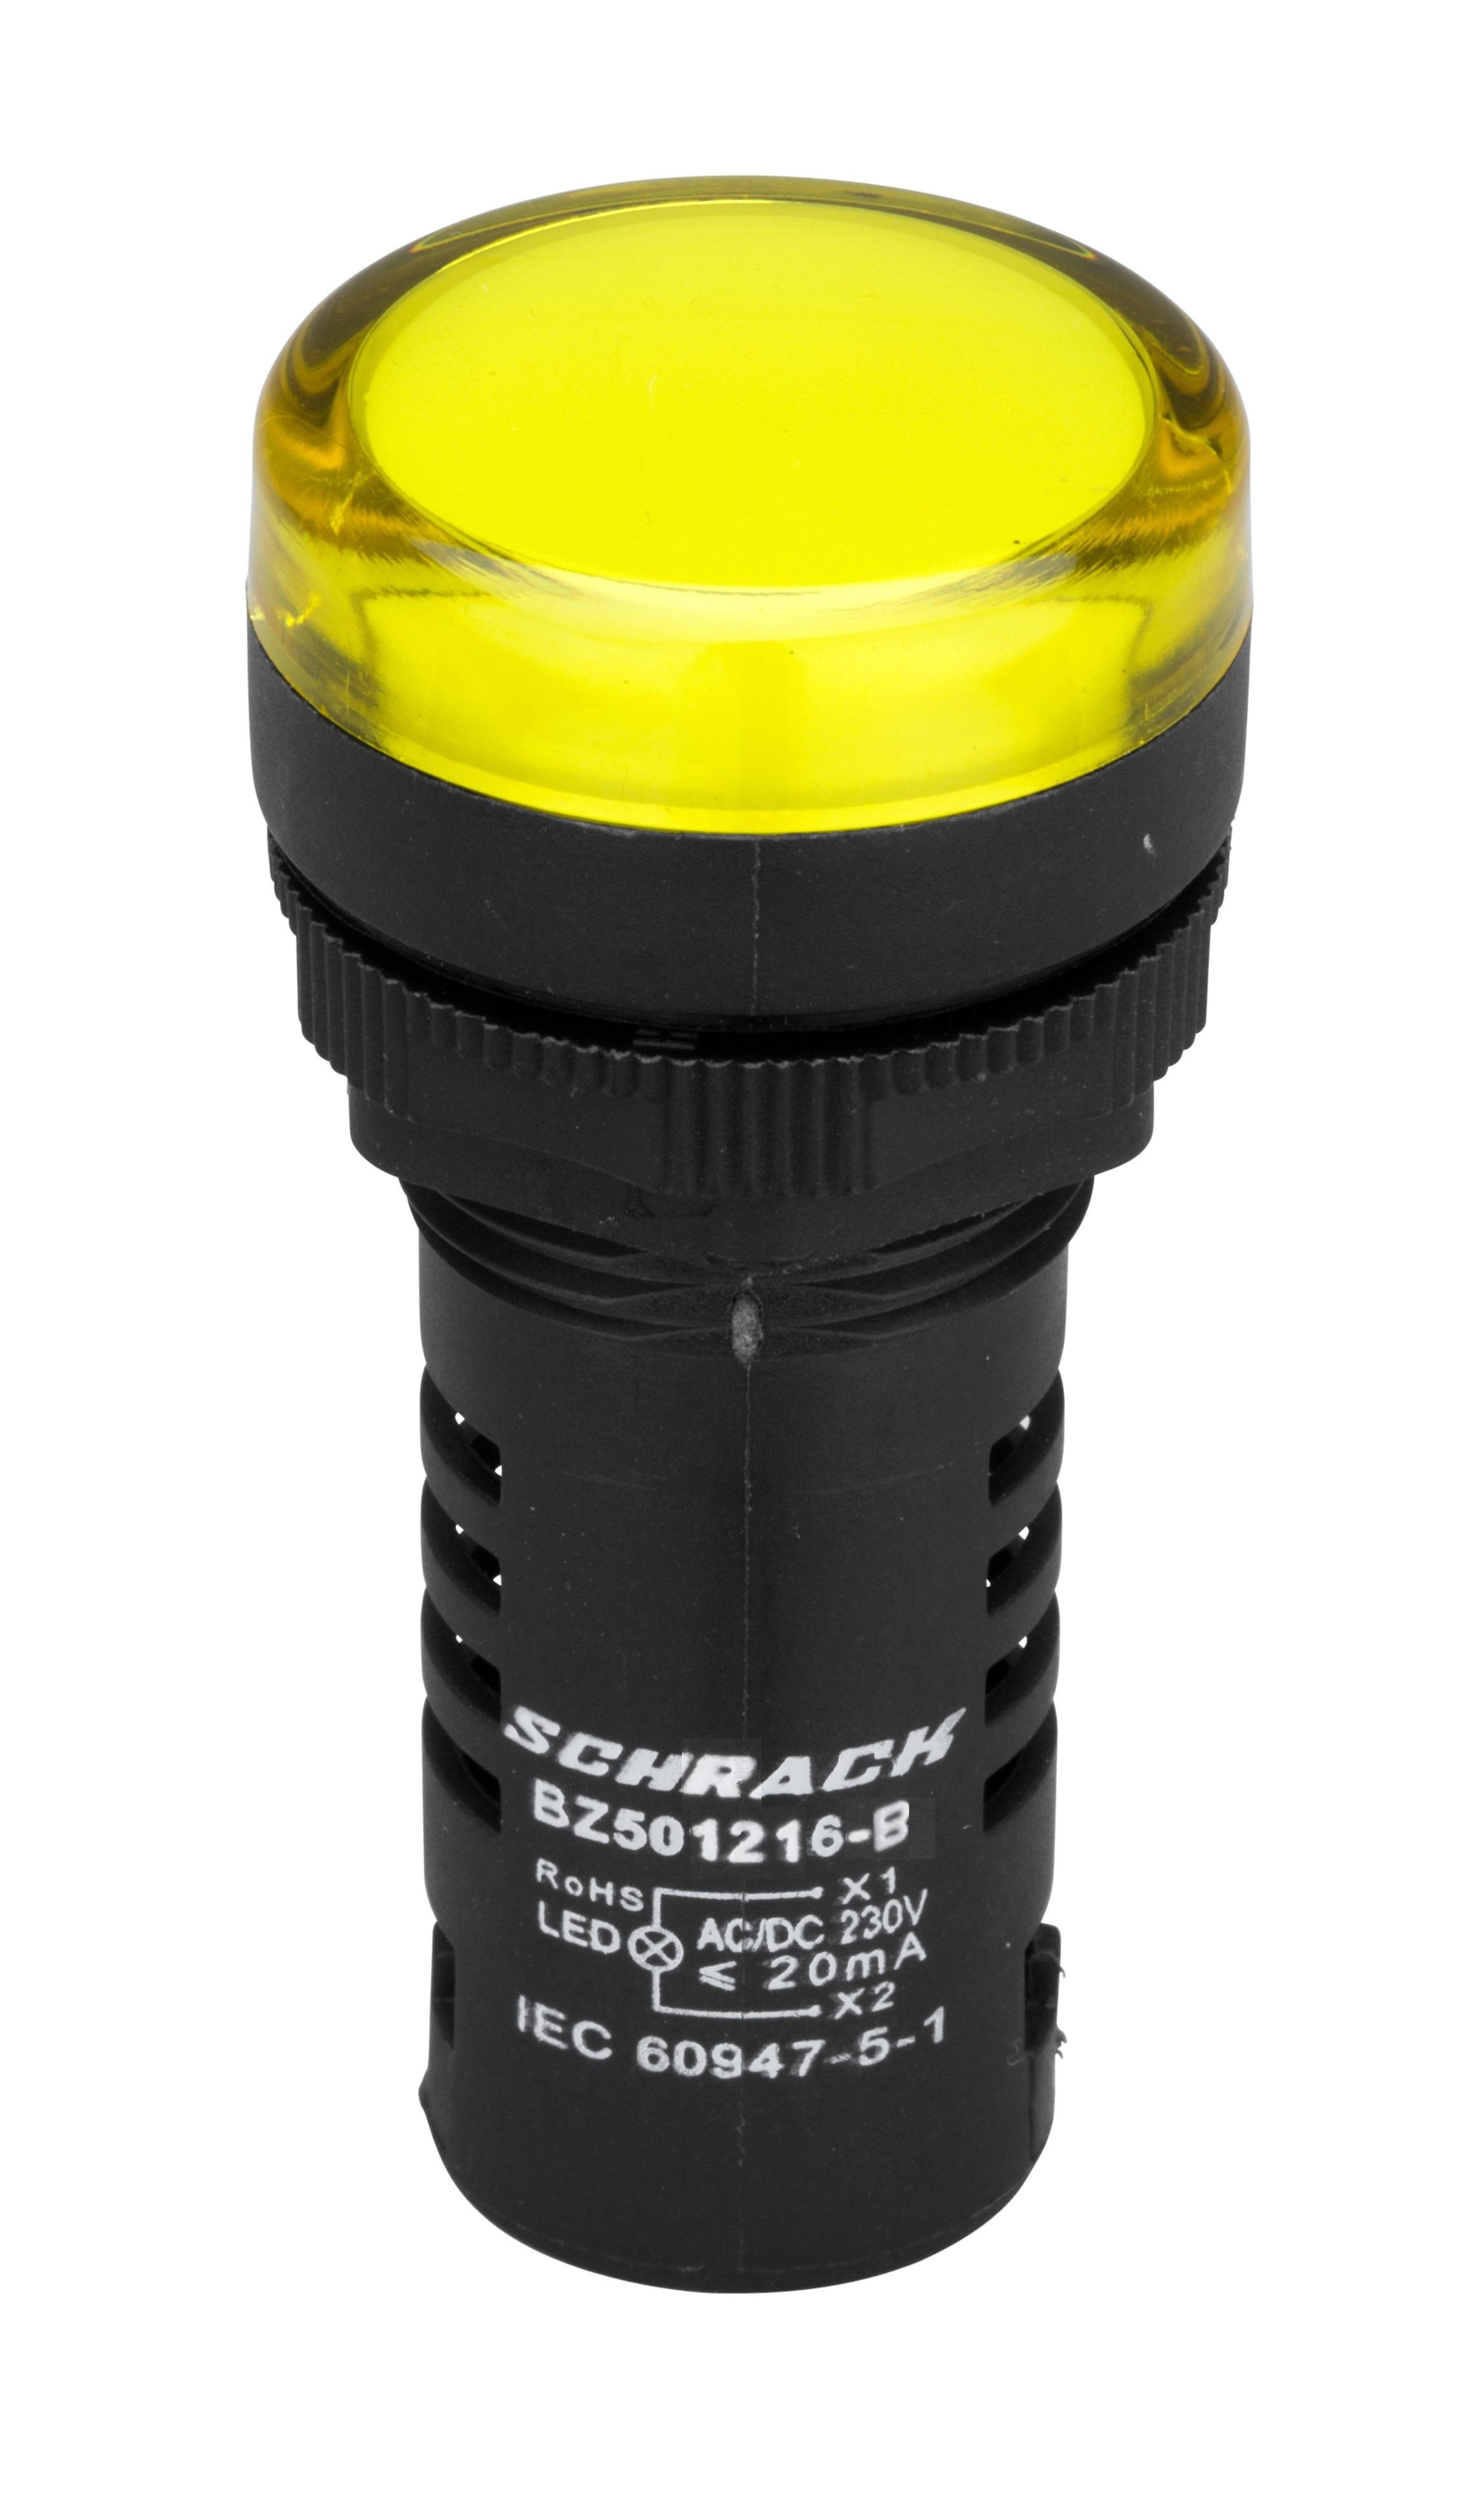 1 Stk LED-Leuchtmelder Monoblock  230 V - AC/DC gelb BZ501216-B